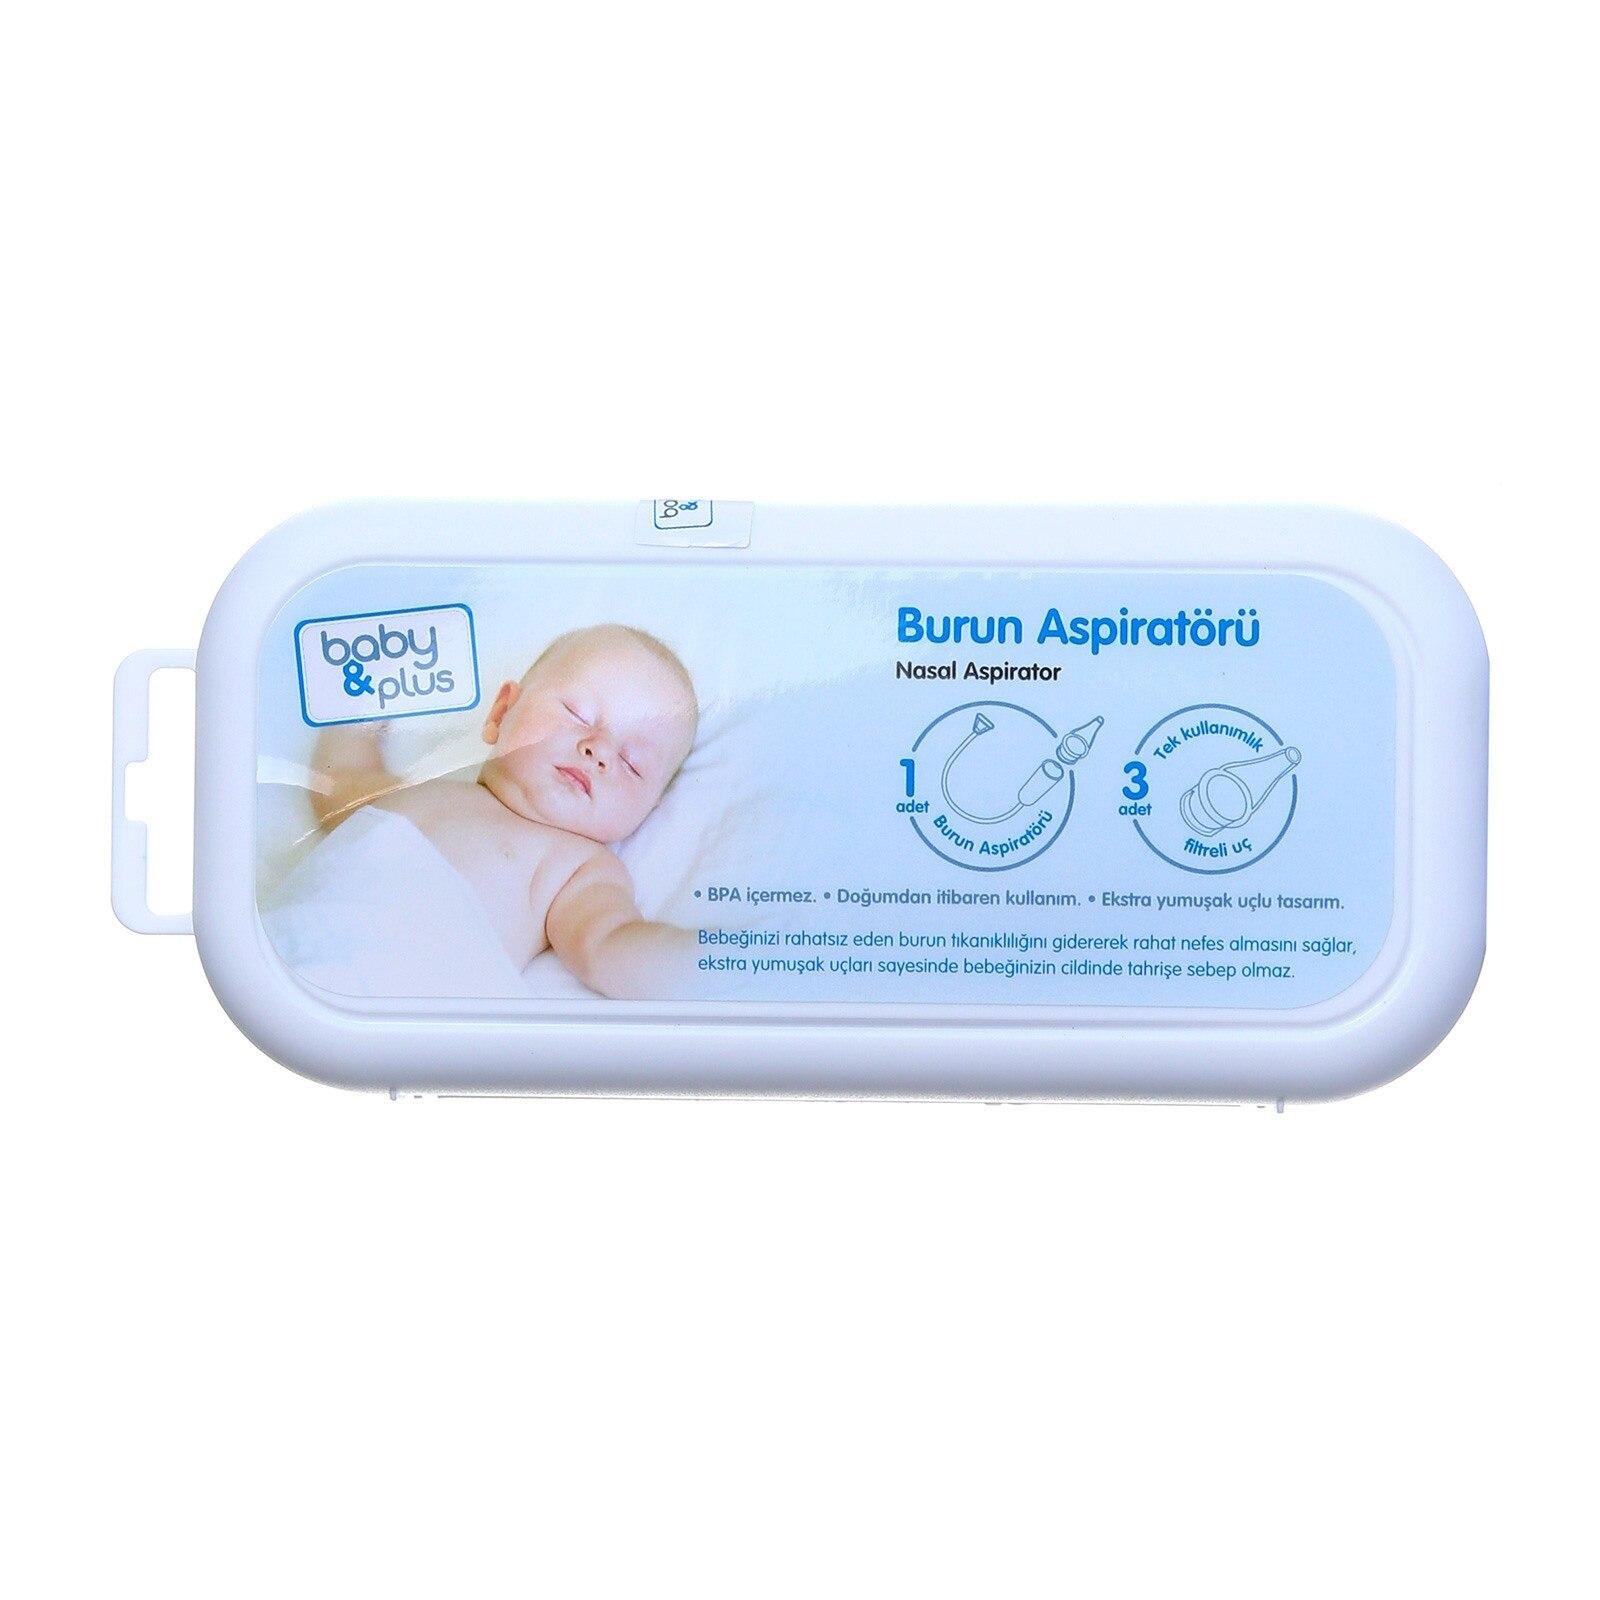 Ebebek Baby Plus Baby Nasal Aspirator